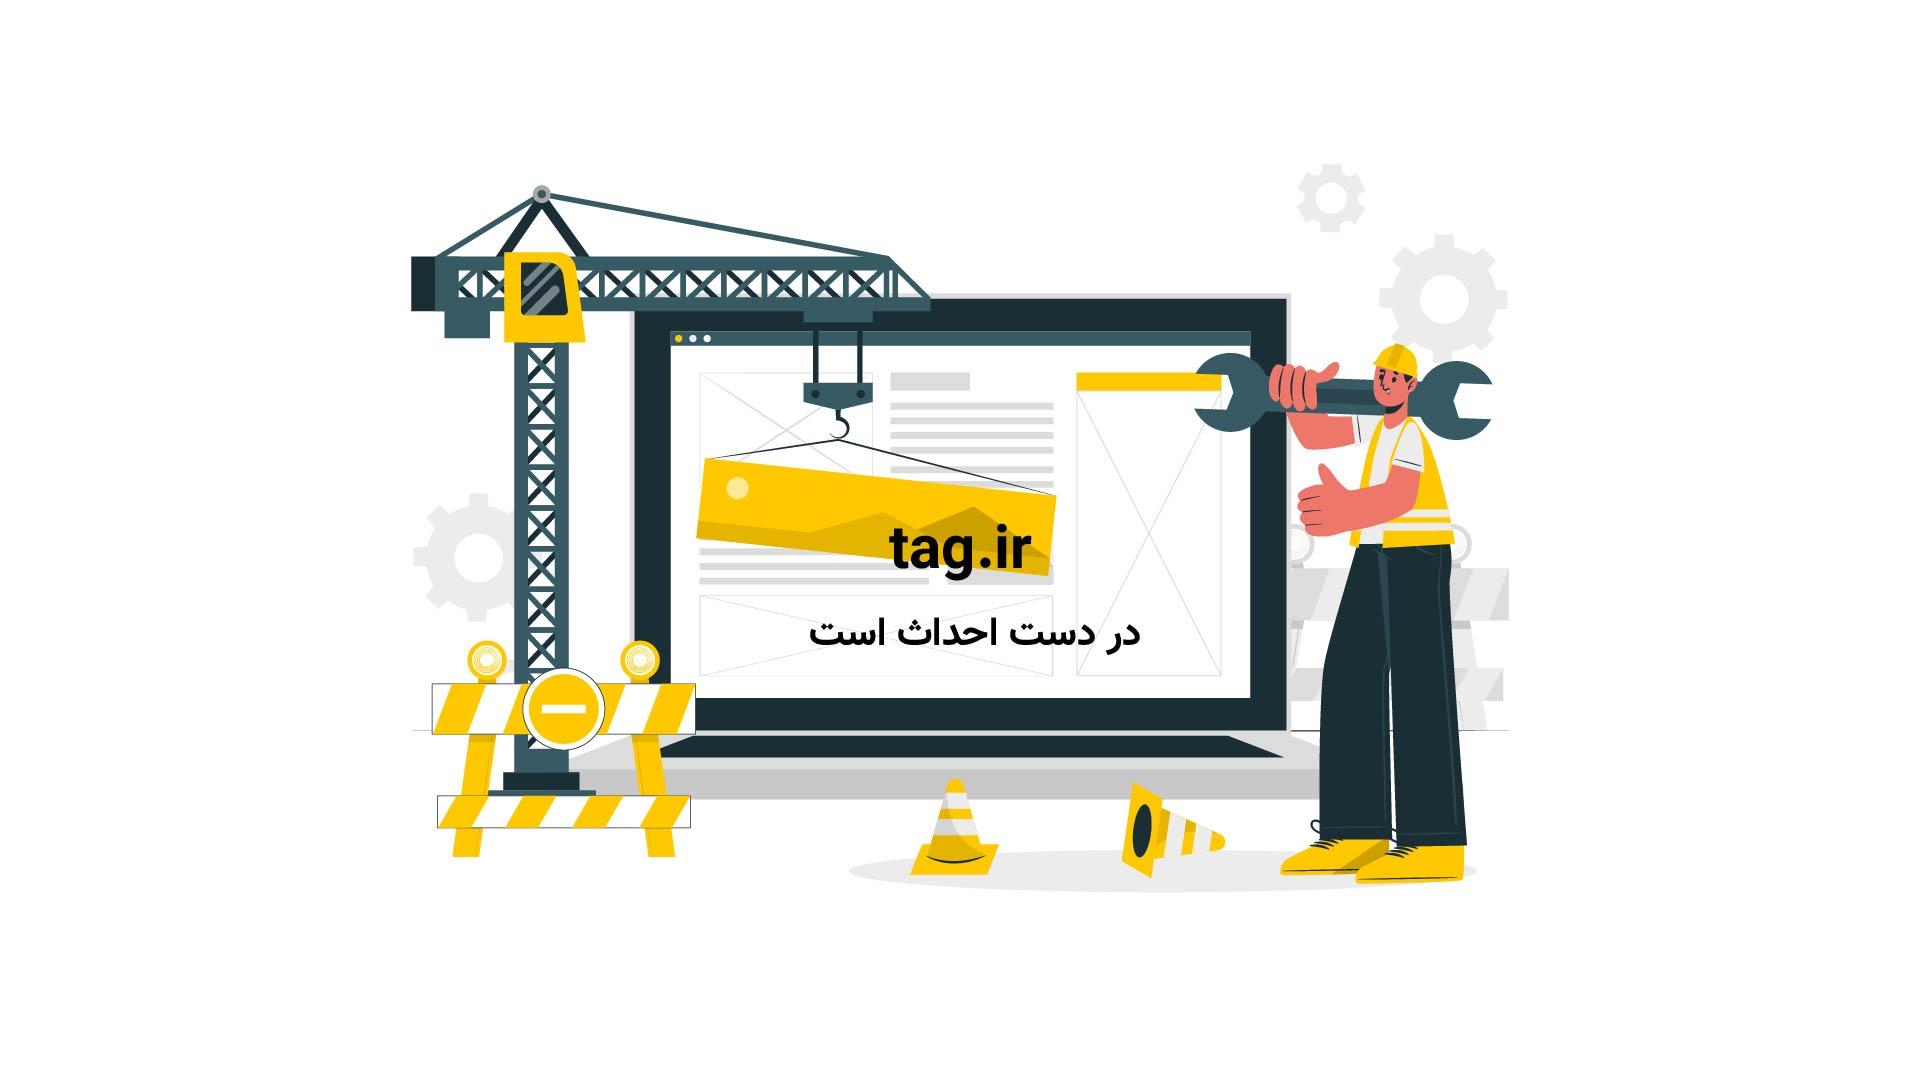 فیل عظیمالجثه جاده را برای عبور خانوادهاش بست | فیلم